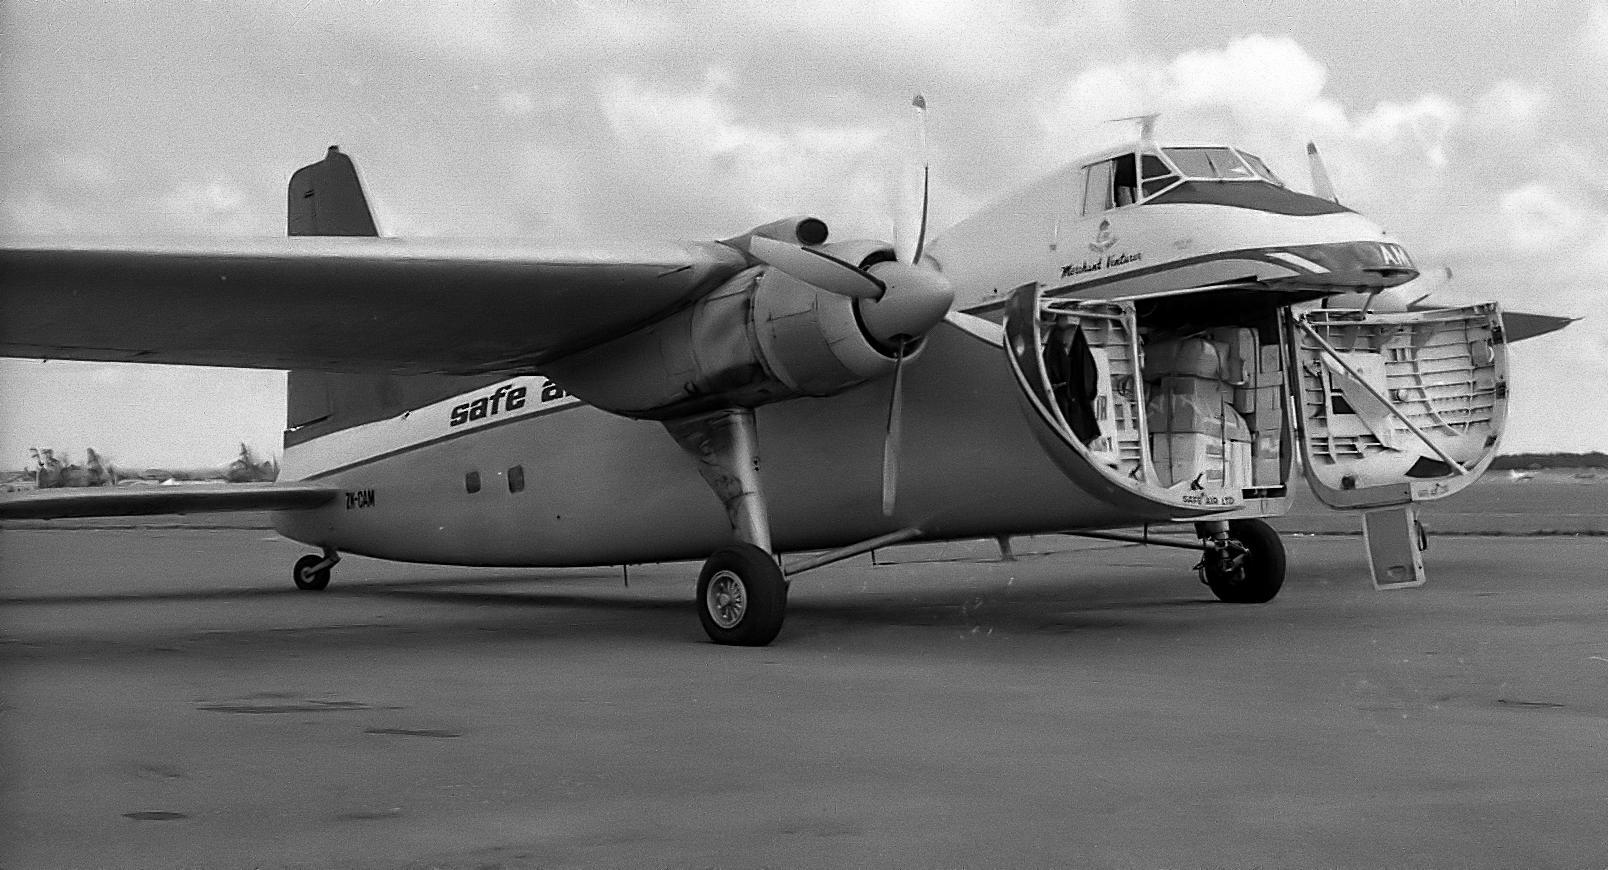 Montage Bristol Mk 21 Freighter   (Airfix/Magna 1/72) - Page 2 Bristol_Freighter%2C_Palmerston_North%2C_New_Zealand%2C_1974_-_Flickr_-_PhillipC